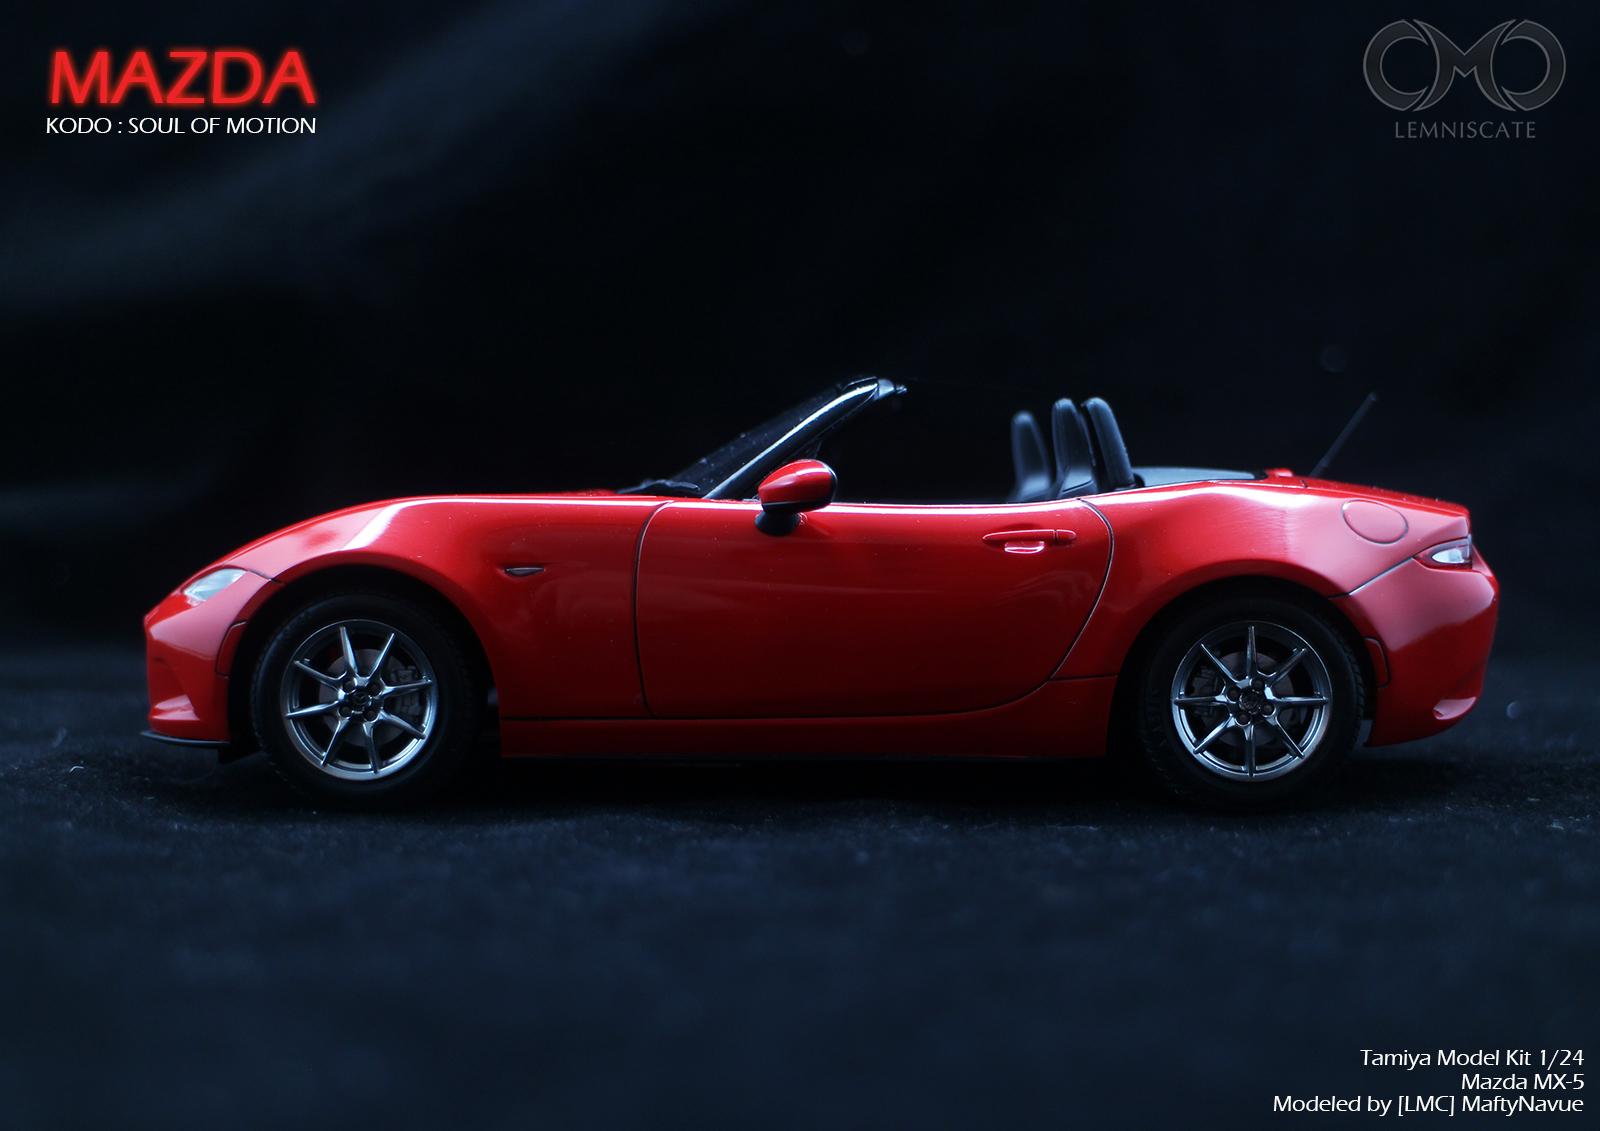 1/24 Tamiya Mazda MX-5